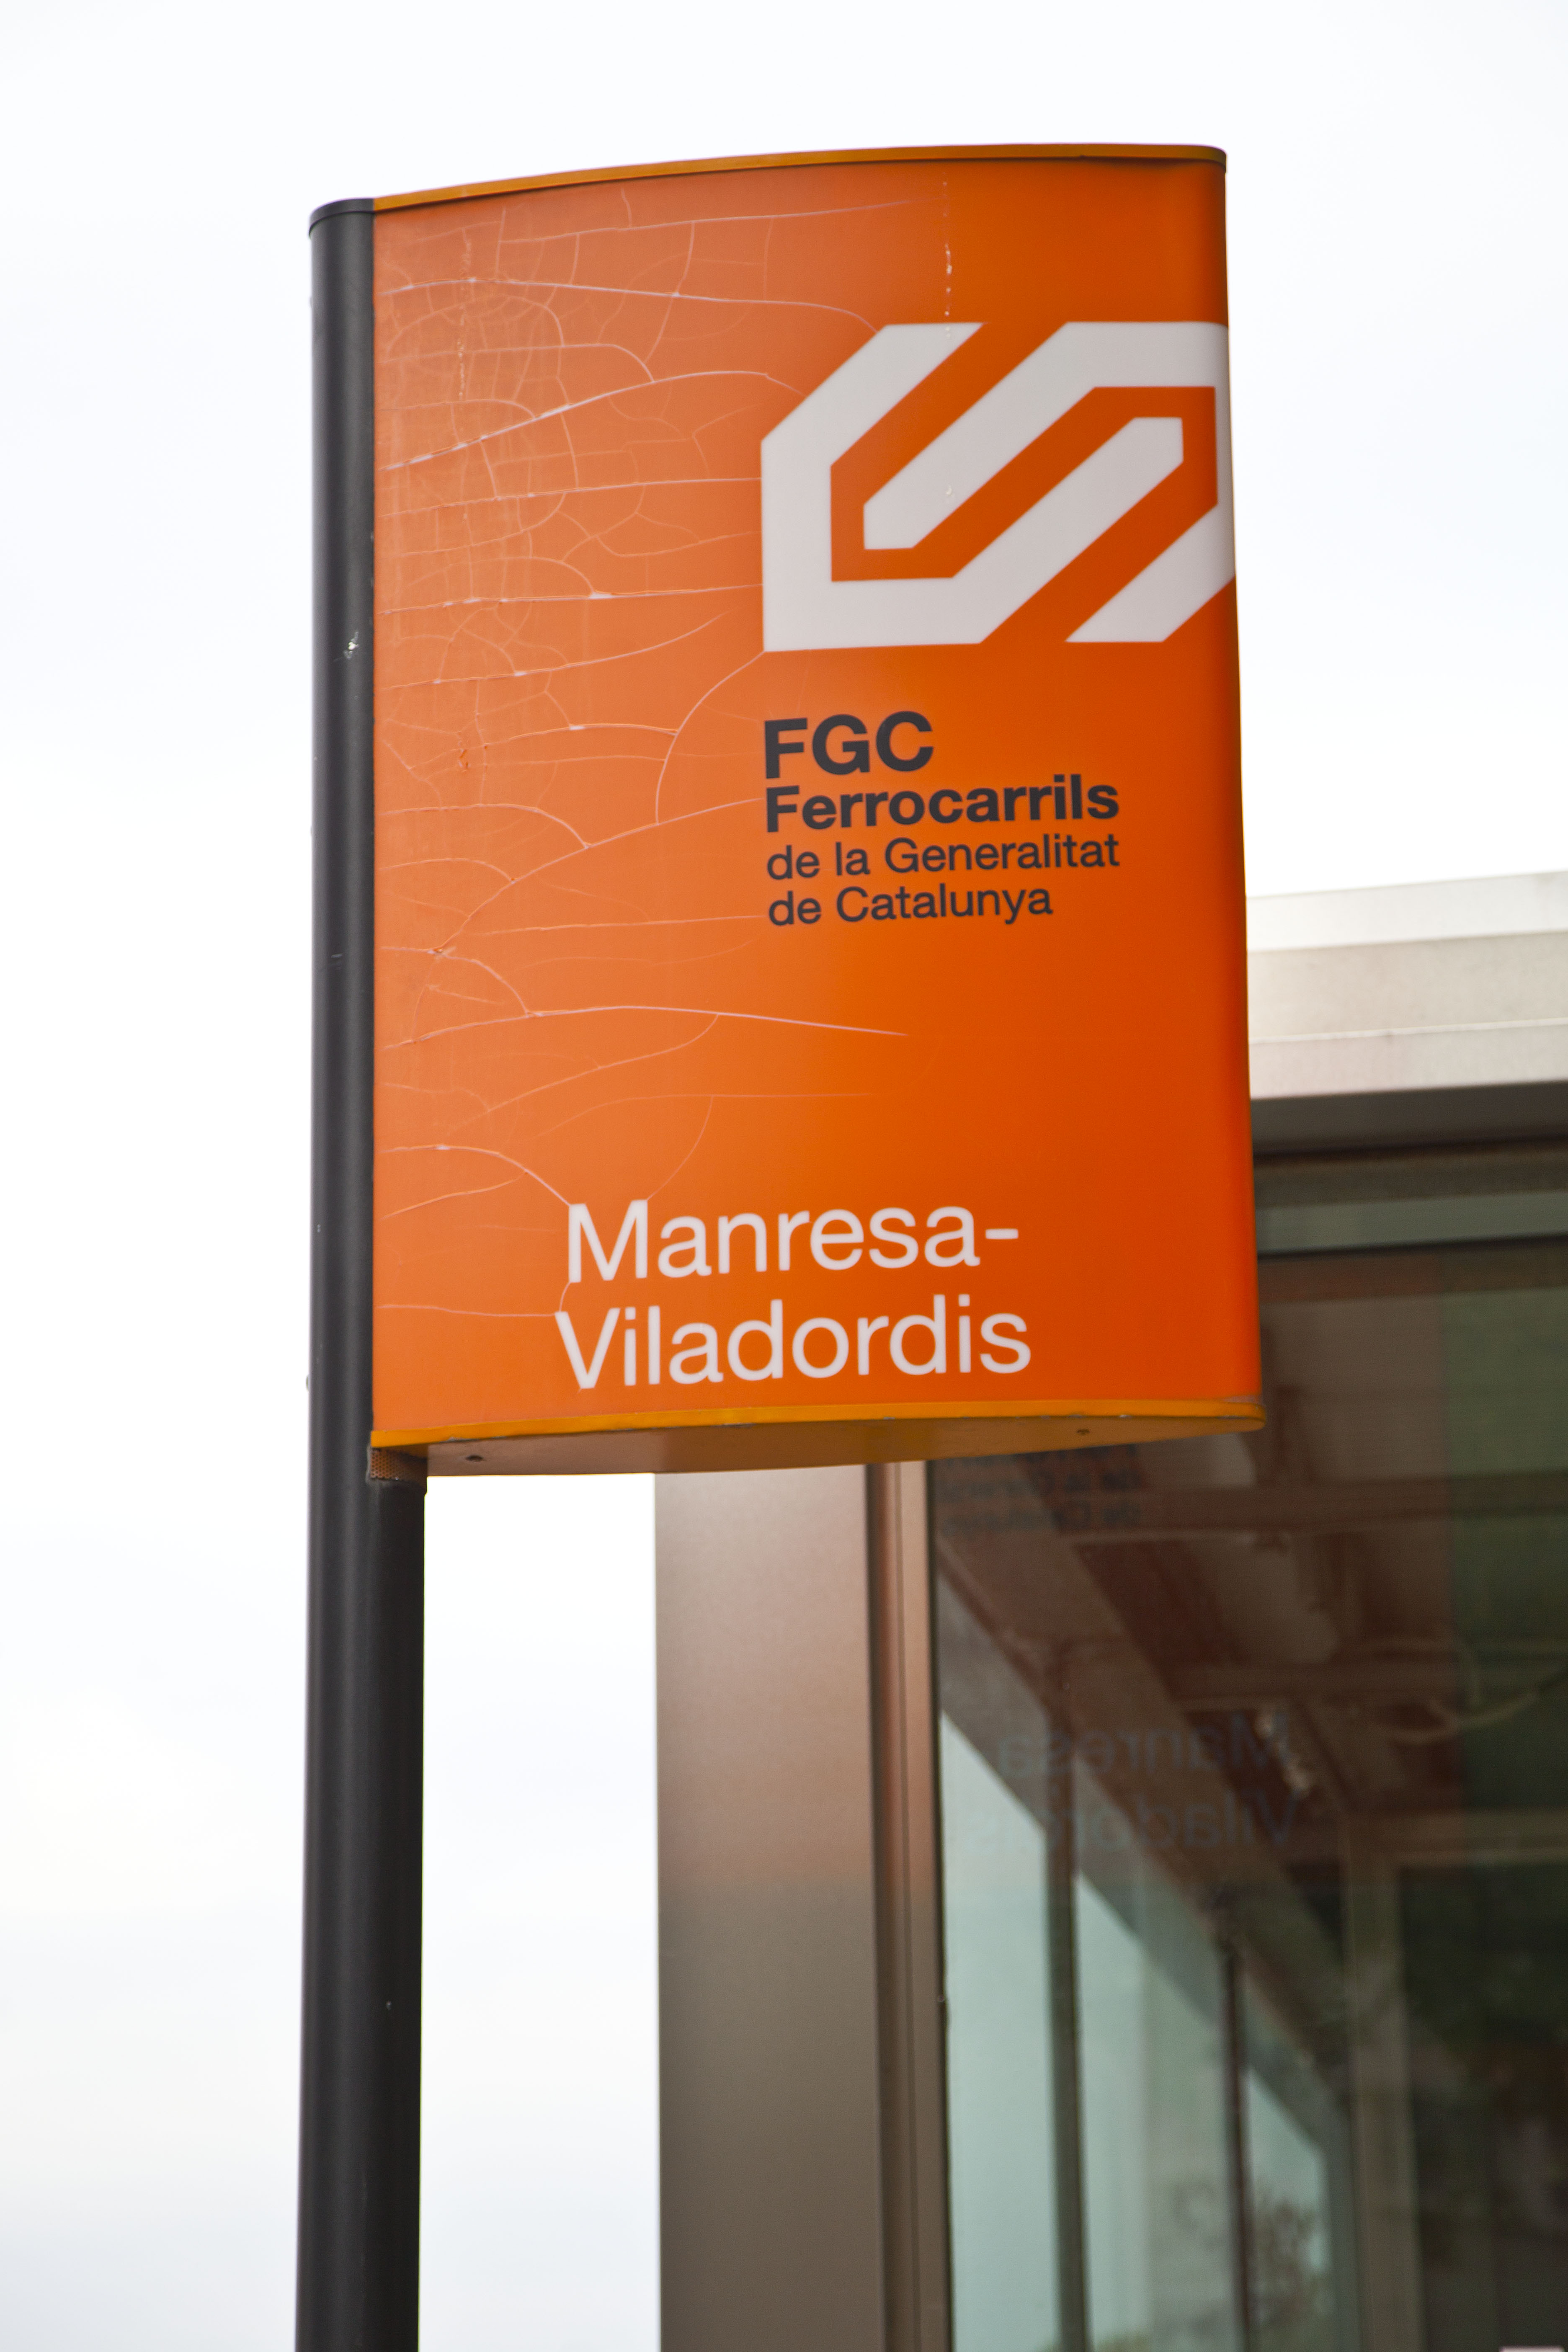 MANRESA-VILADORDIS-FGC